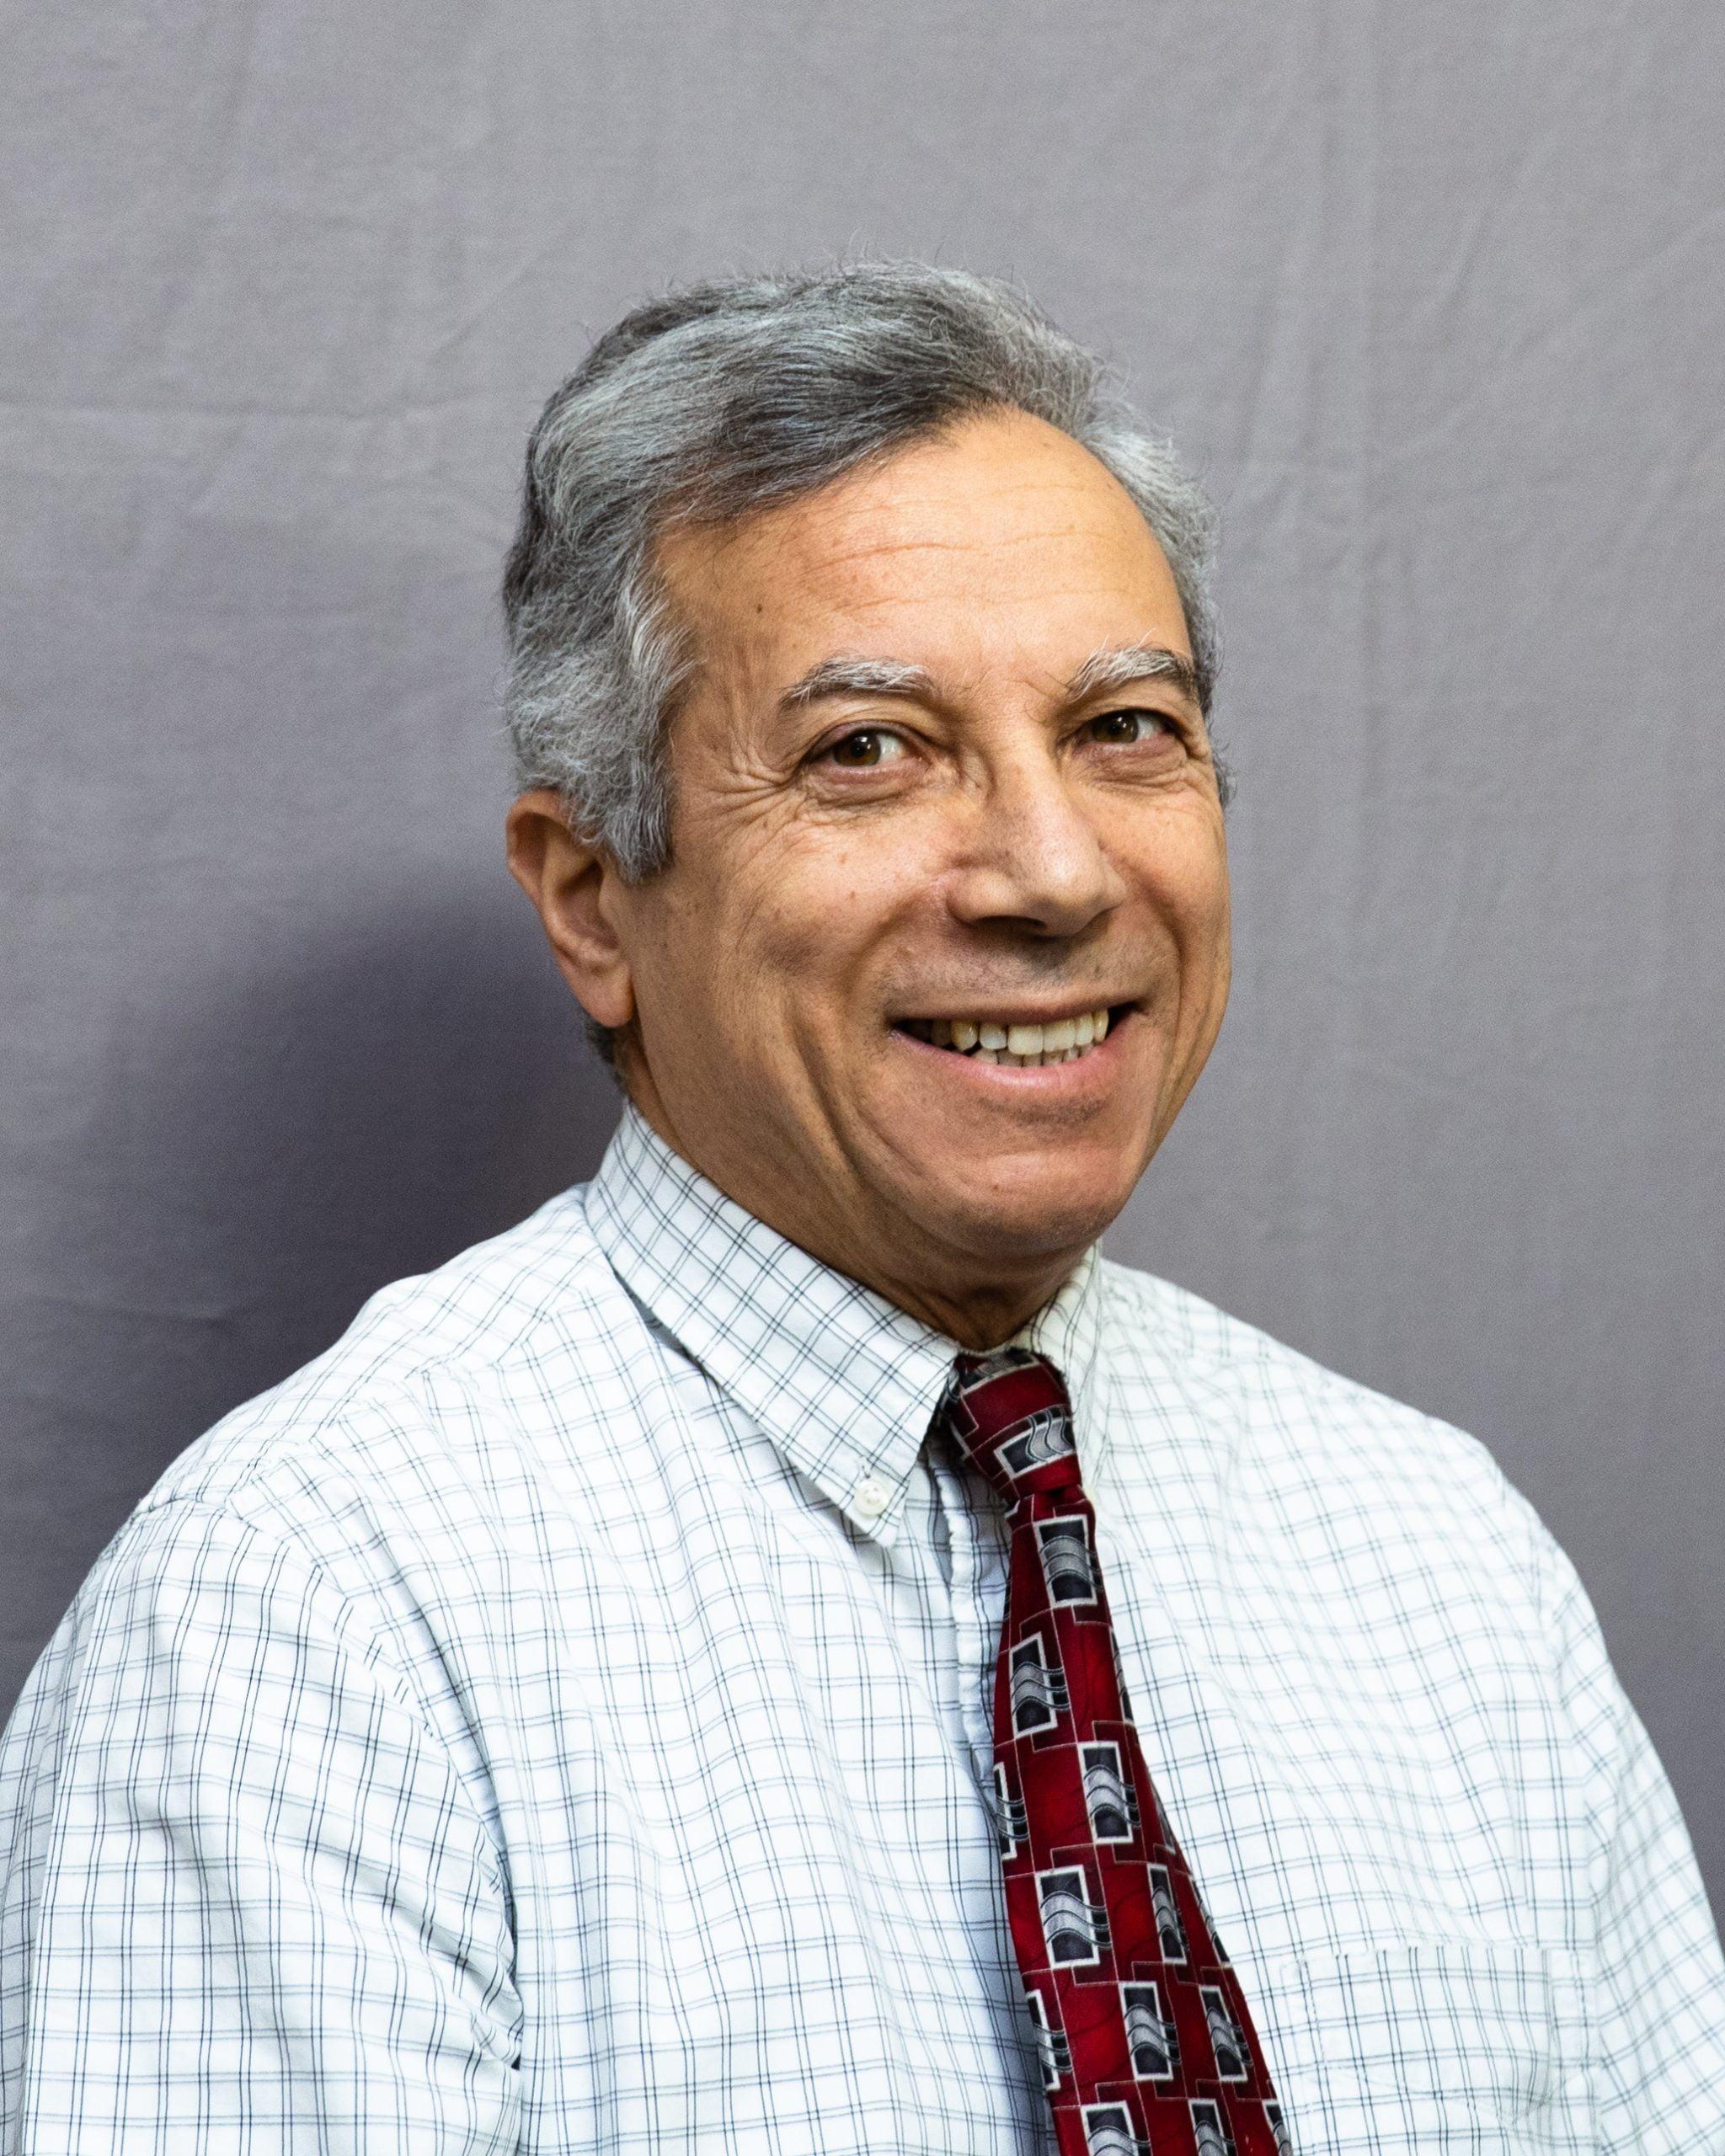 Nabil Taha